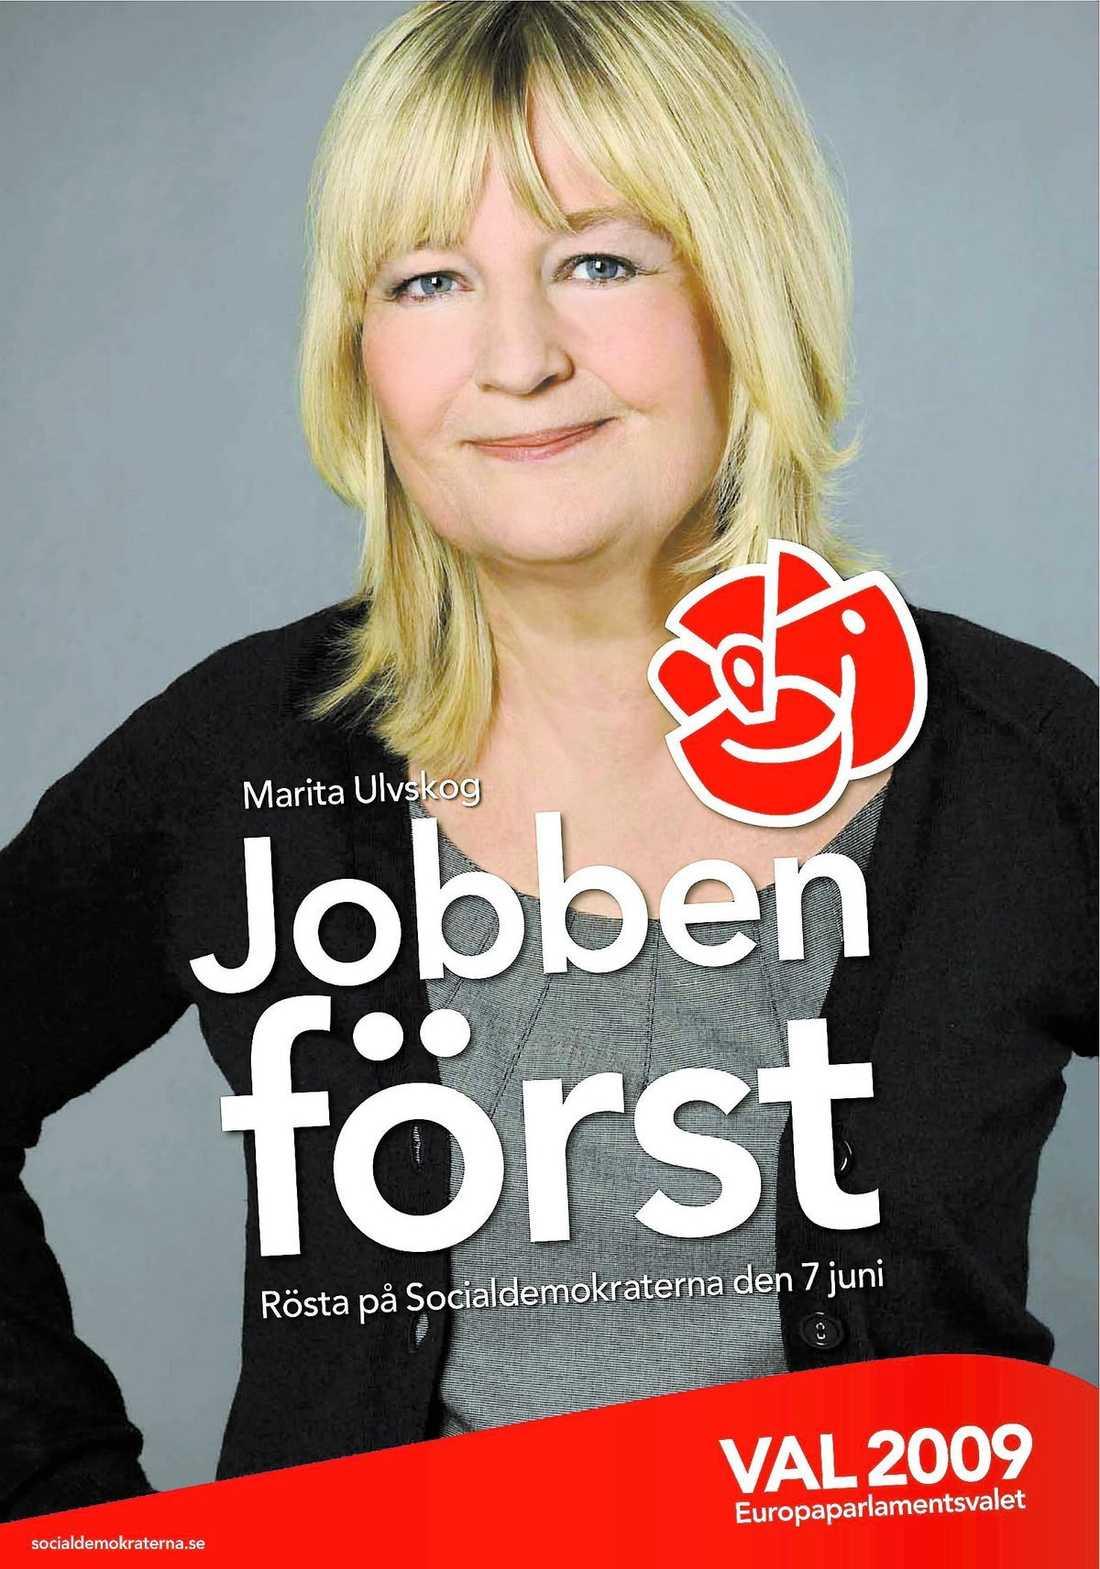 """""""man ska se fin ut"""" Marita Ulvskog (S) hårdsminkades och fick skor med skyhöga klackar inför fotograferingen till valaffischerna. """"Det är inte riktigt jag"""", säger hon själv. En annan kandidat som fått en rejäl uppfräschning på bilderna är Marit Paulsen (FP)."""